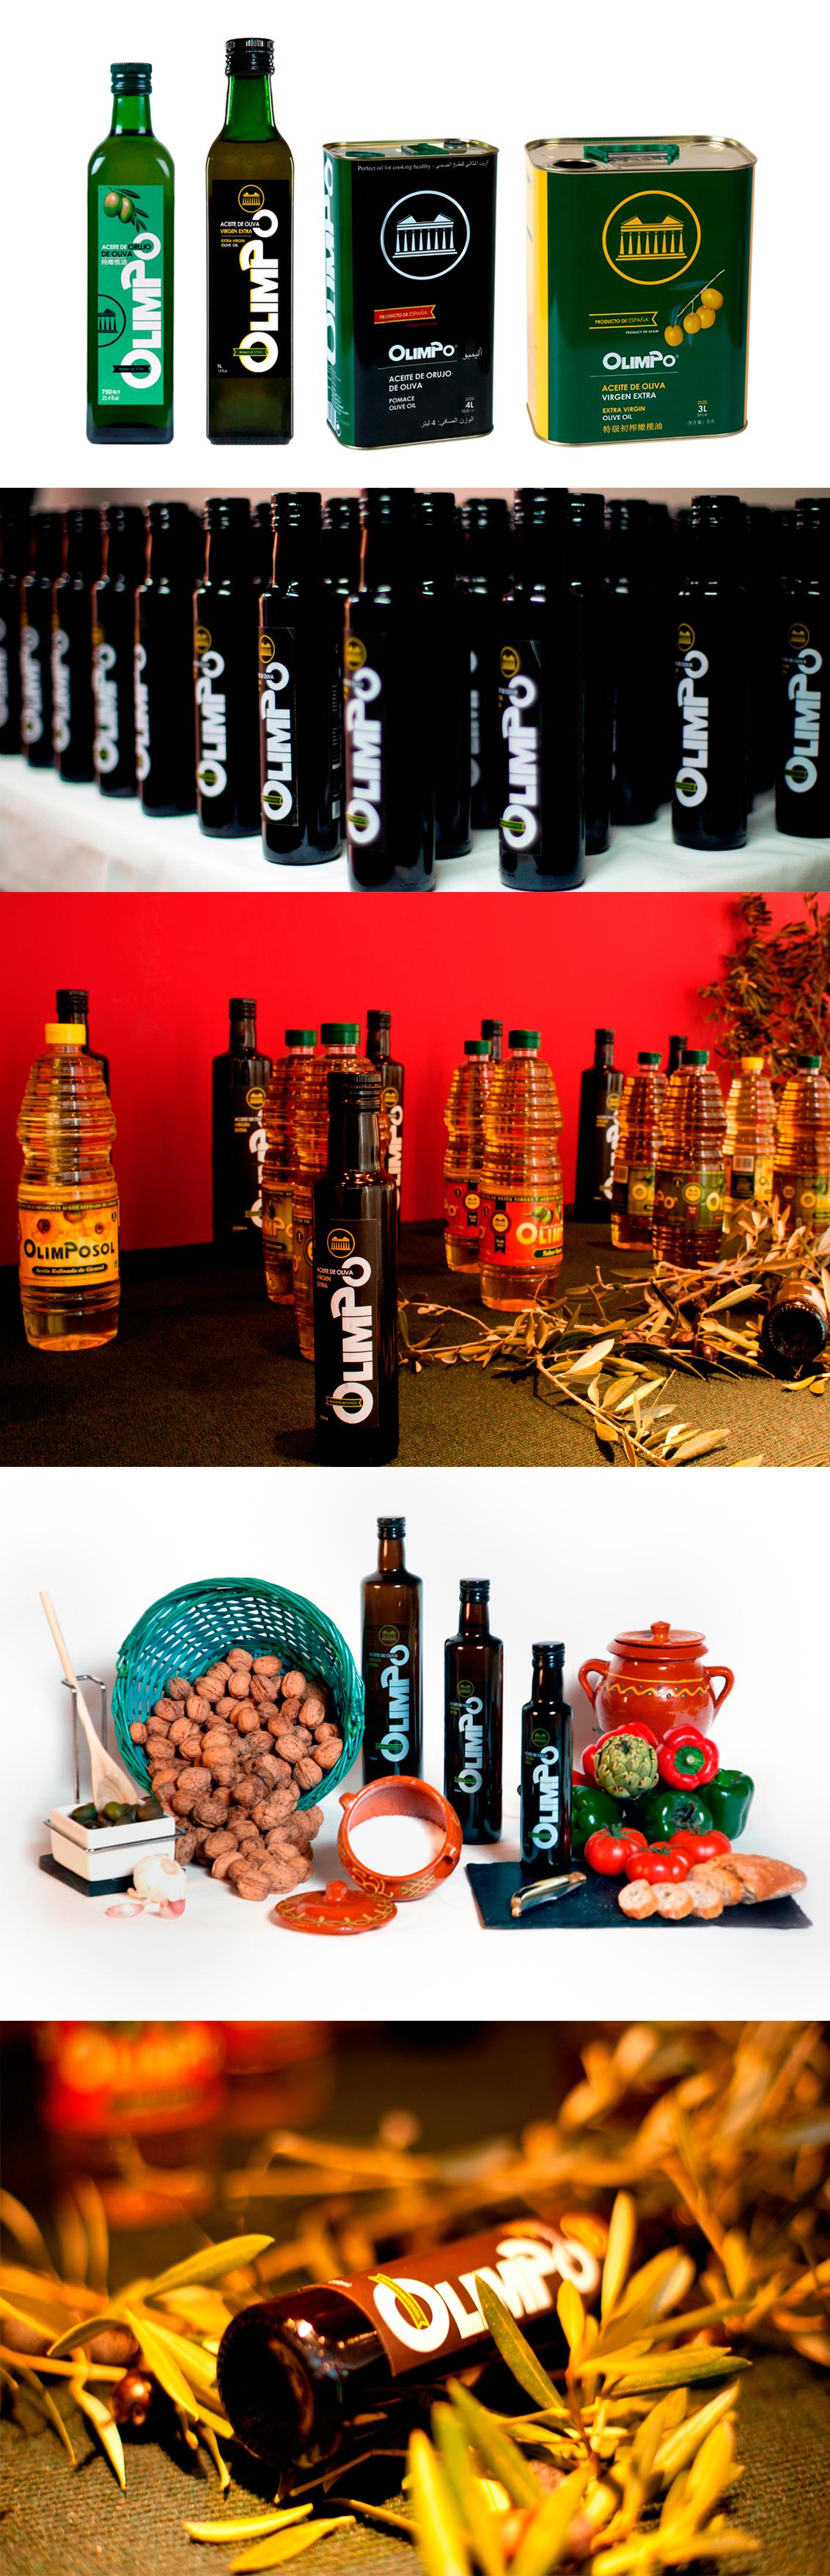 Fotografia publicitaria Albacete, fotografías de productos realizadas para aceites Olimpo